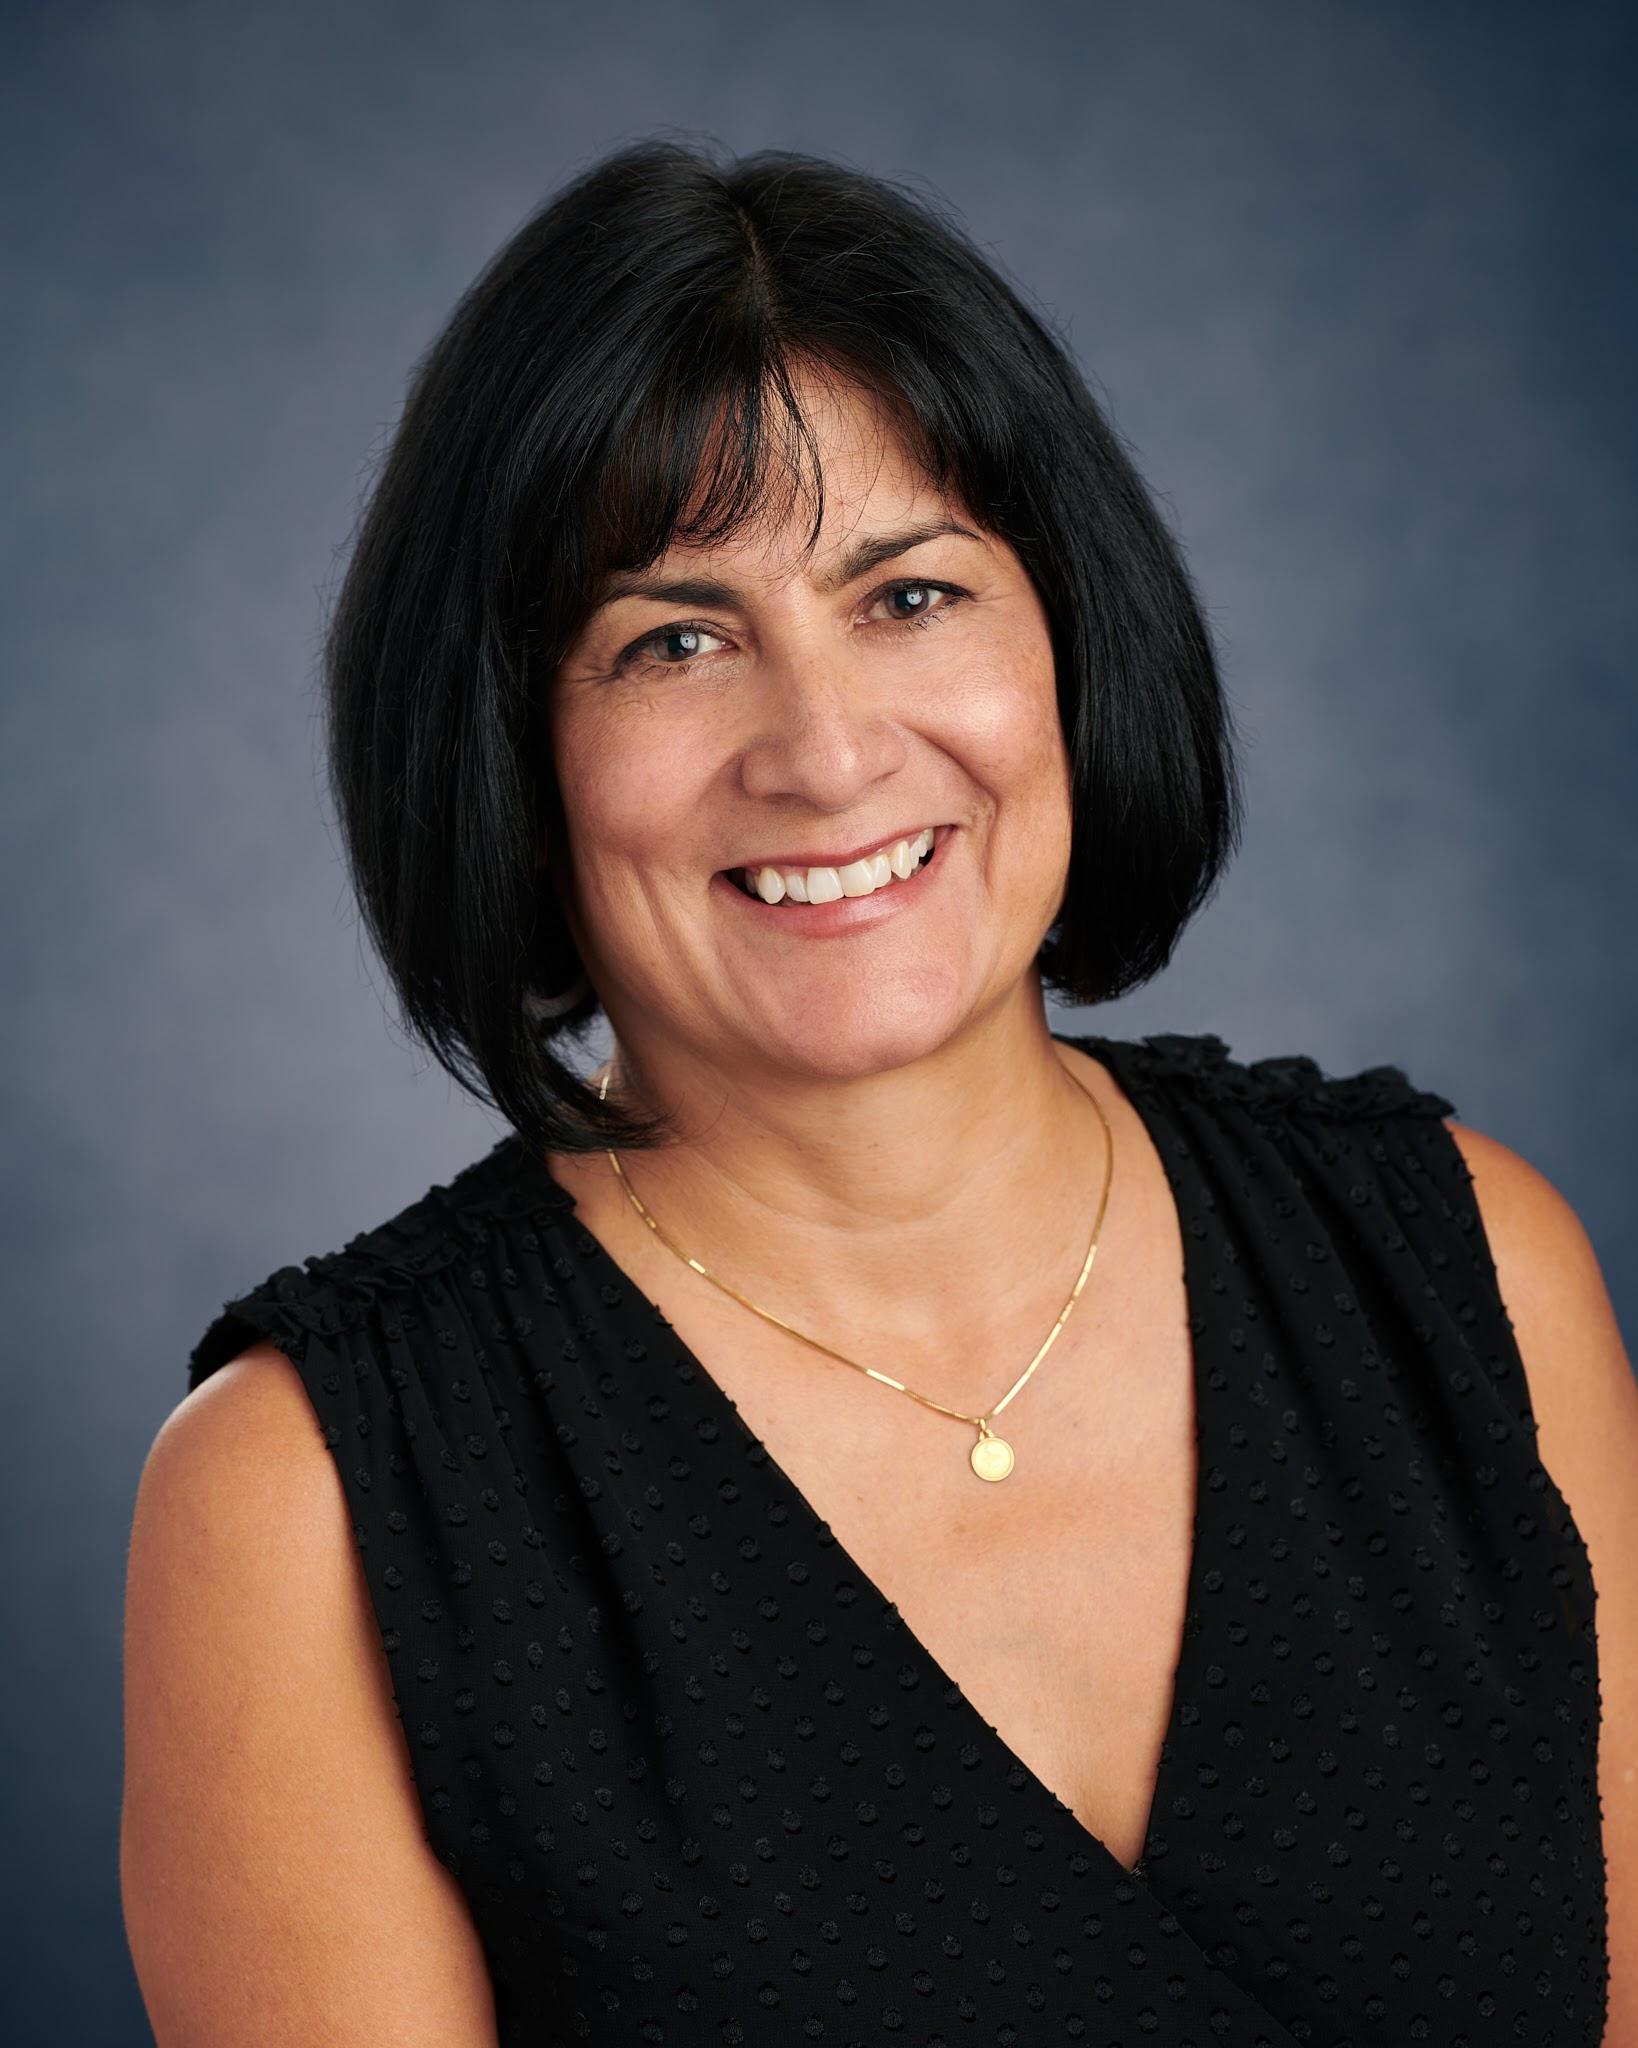 Vicky Suarez